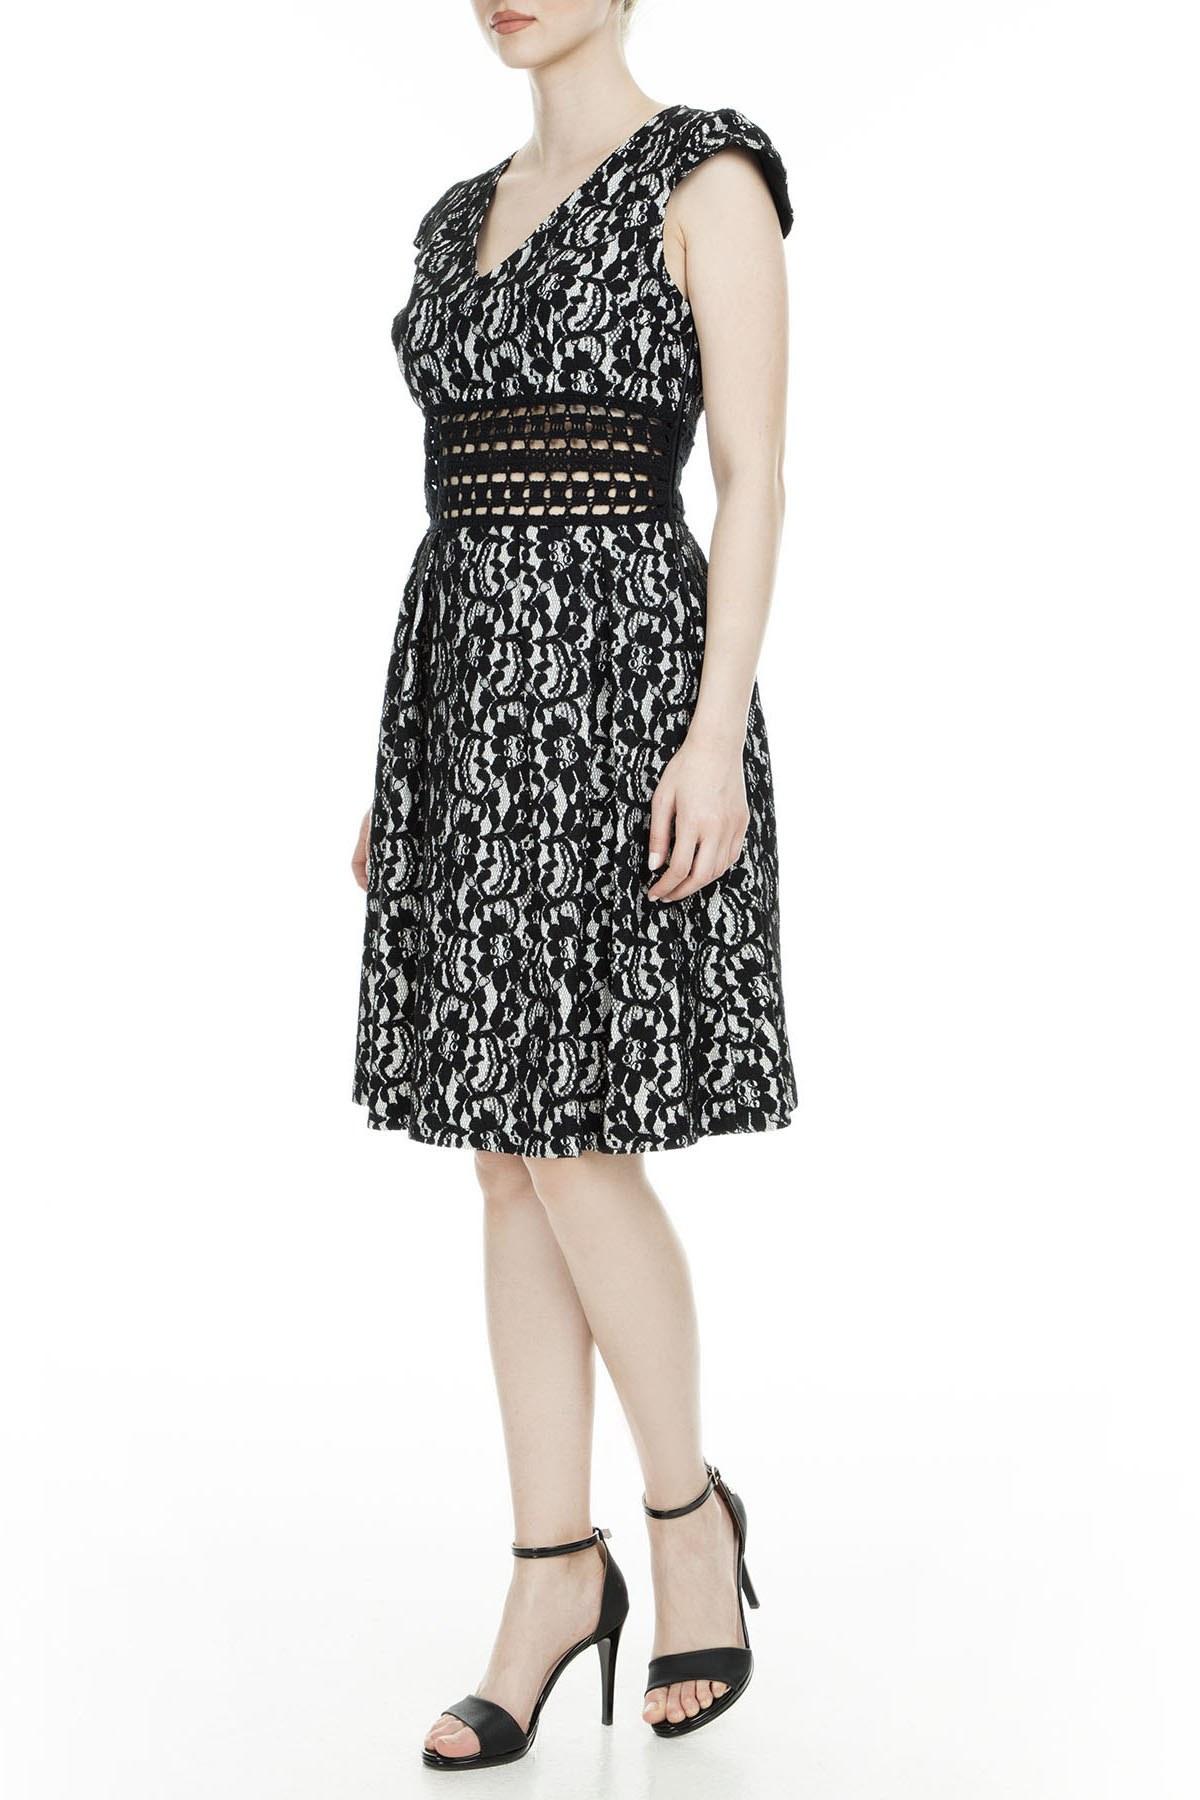 Class Cavalli Kadın Elbise 203C801 SİYAH